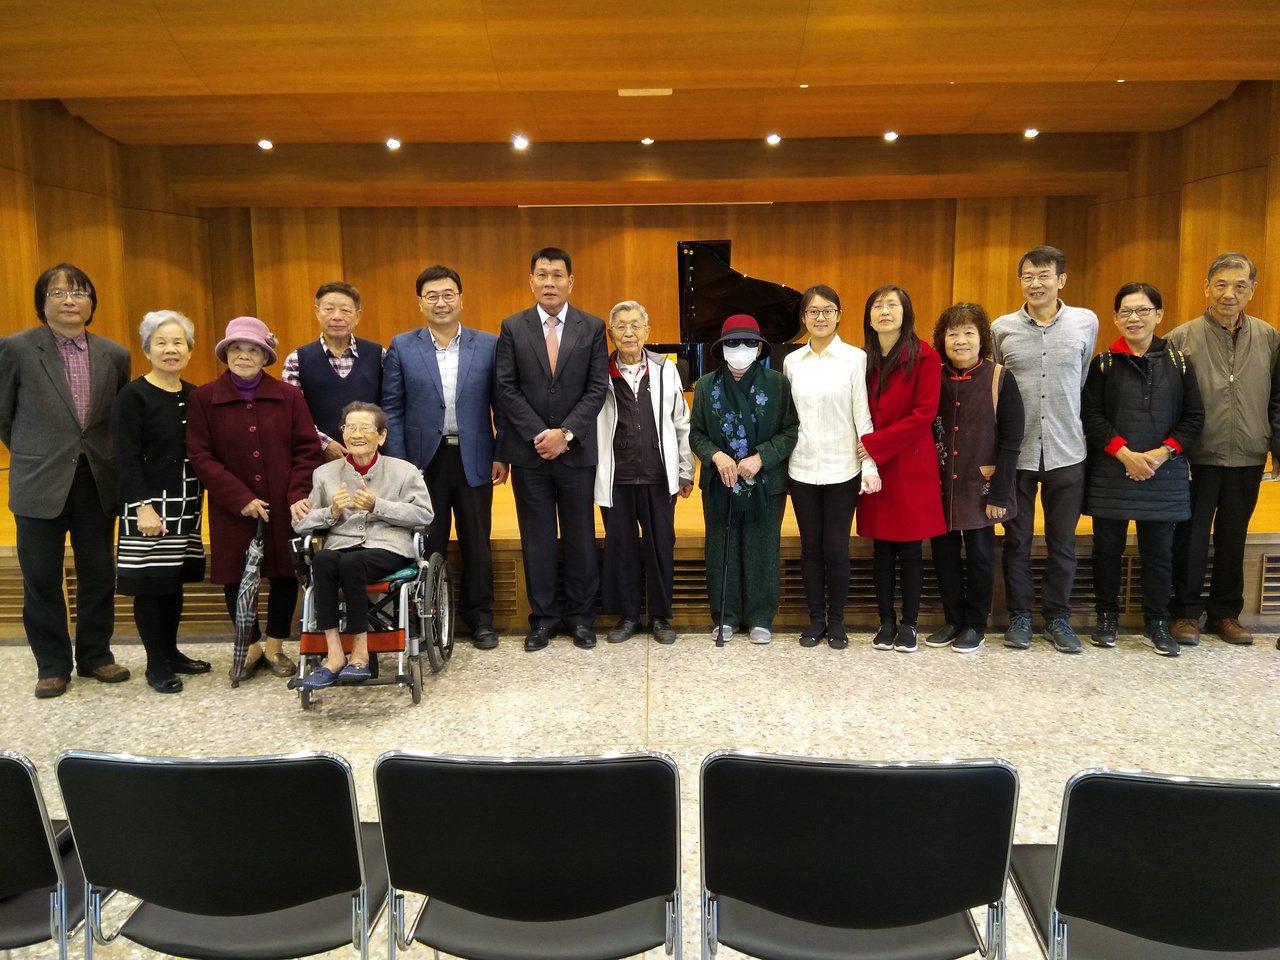 影/年輕鋼琴家返鄉演奏 分享俄國求學經驗